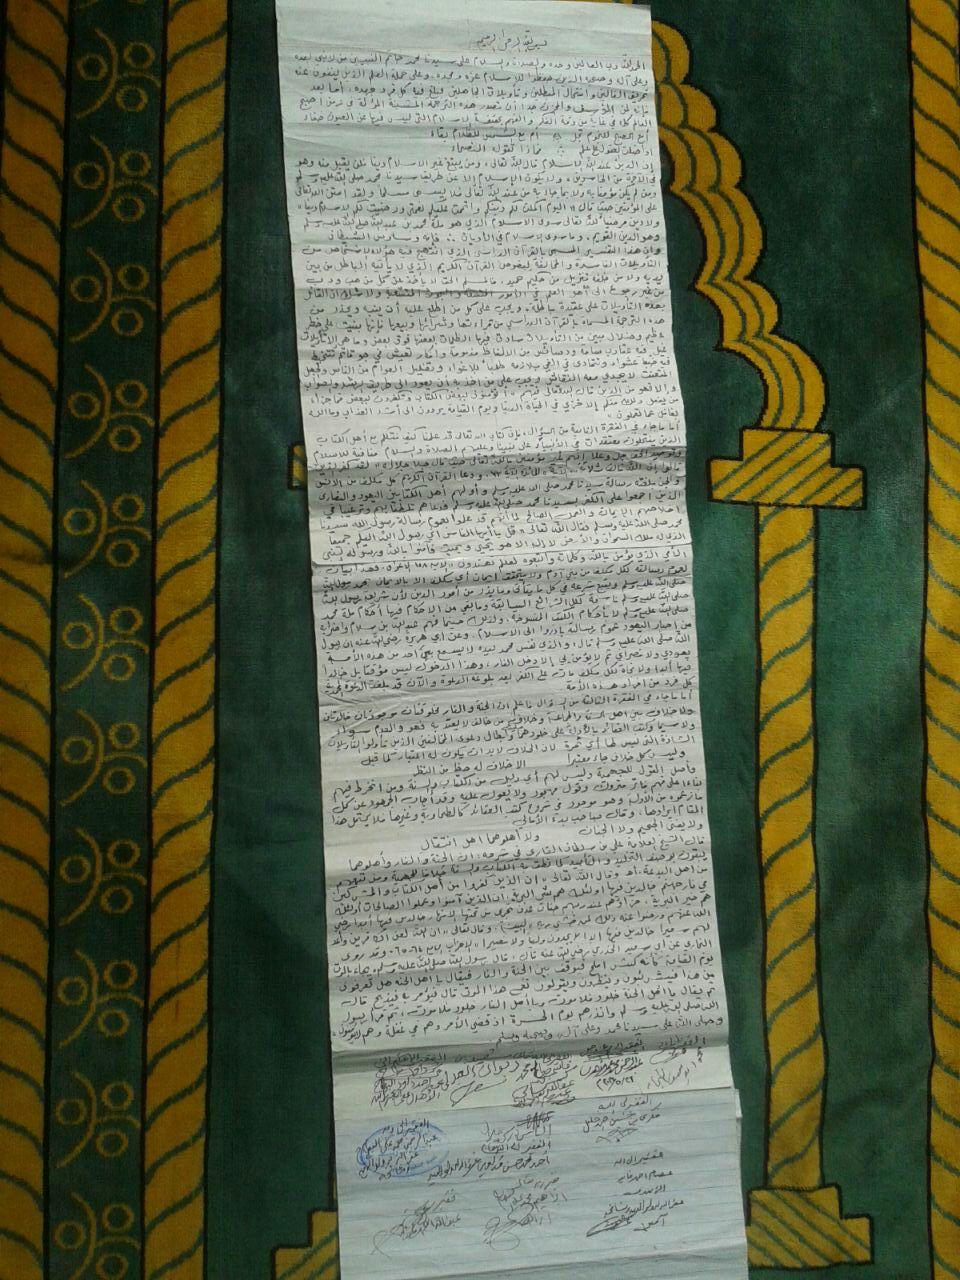 Original Study Quran Fatwa - Zabid